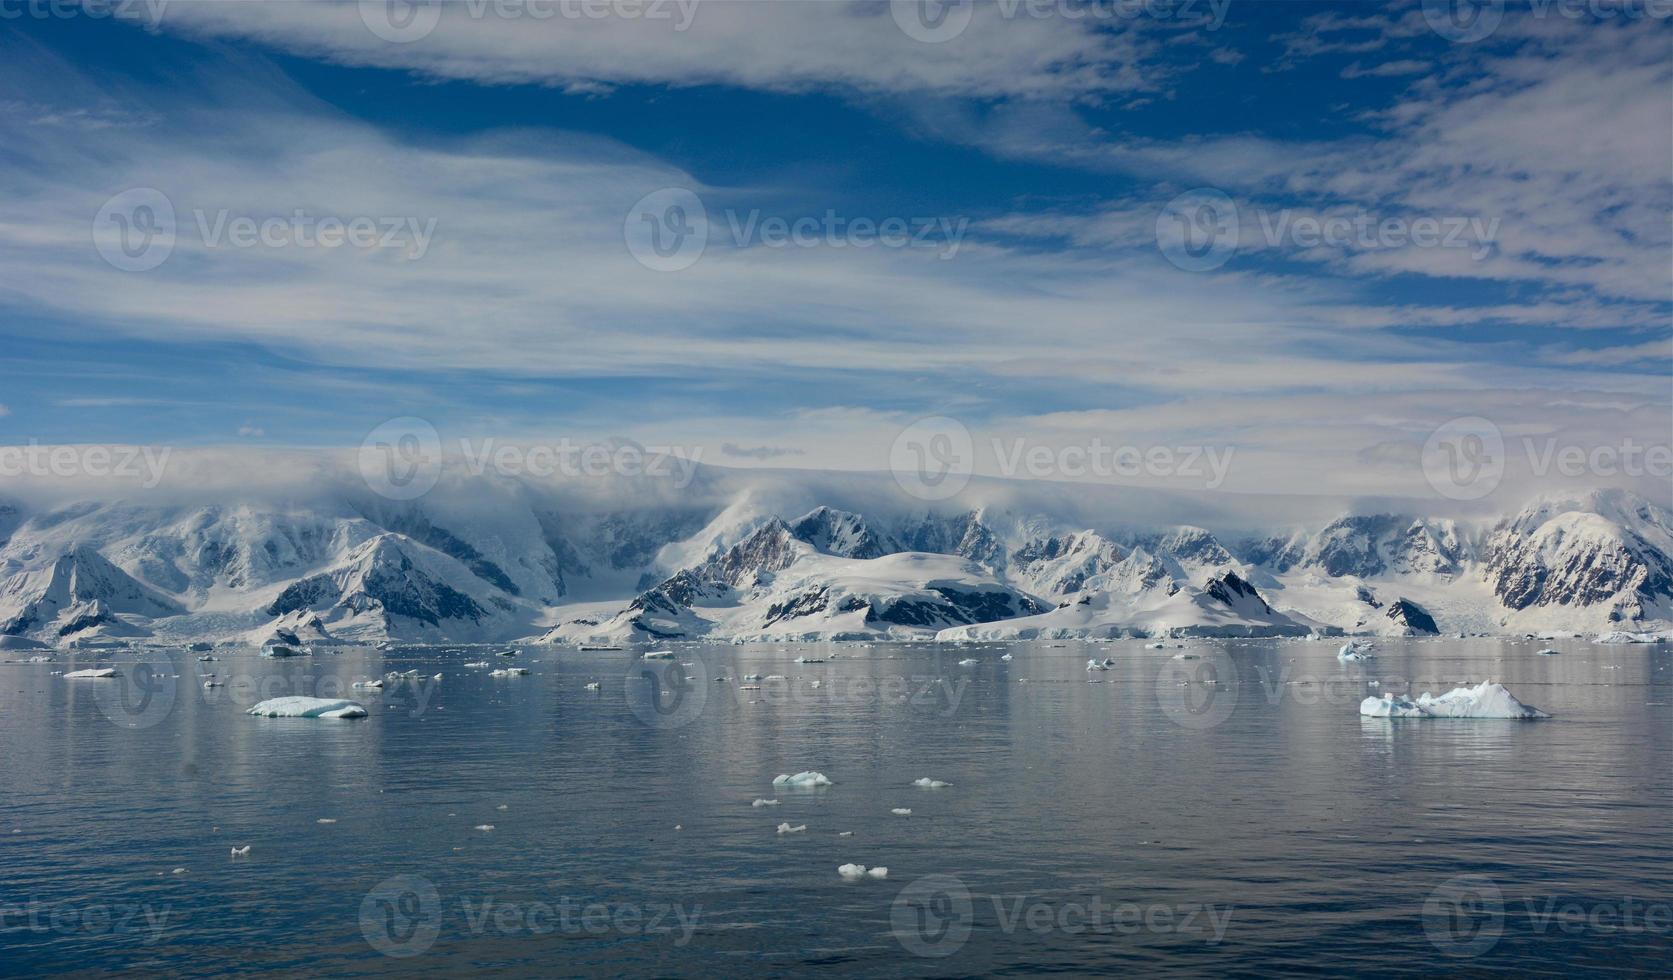 montagne enneigée en antarctique photo